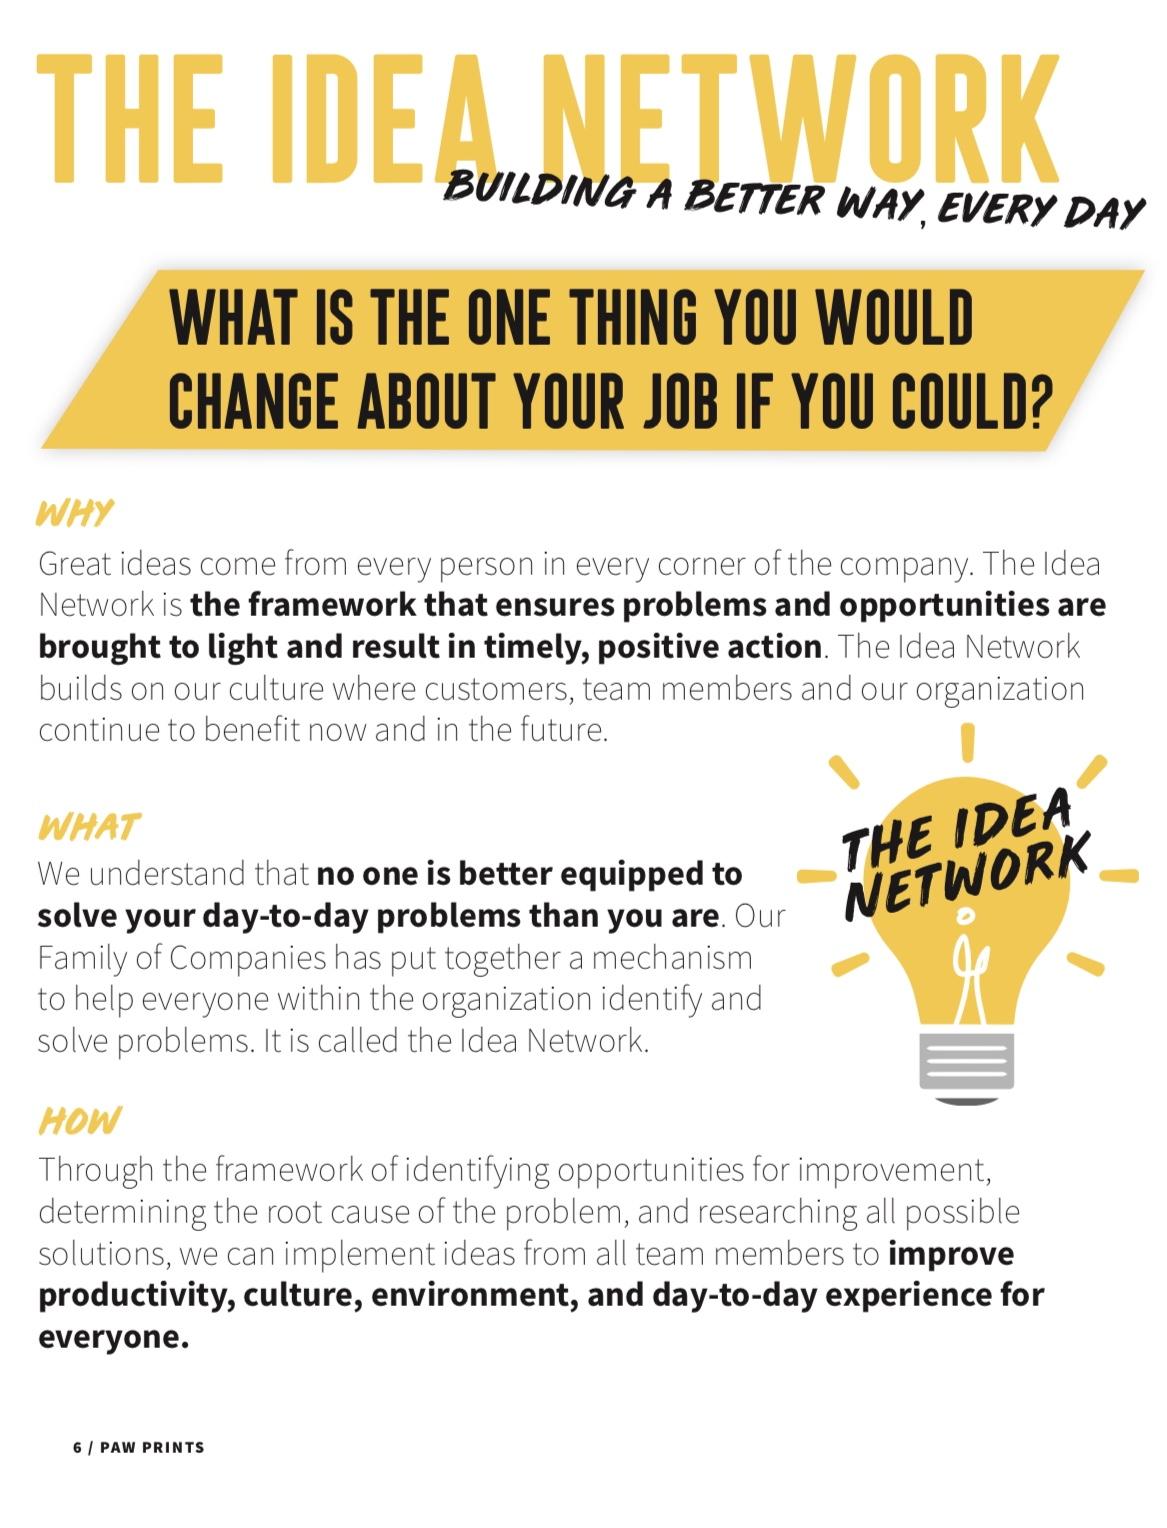 IDEA NETWORK CAMPAIGN